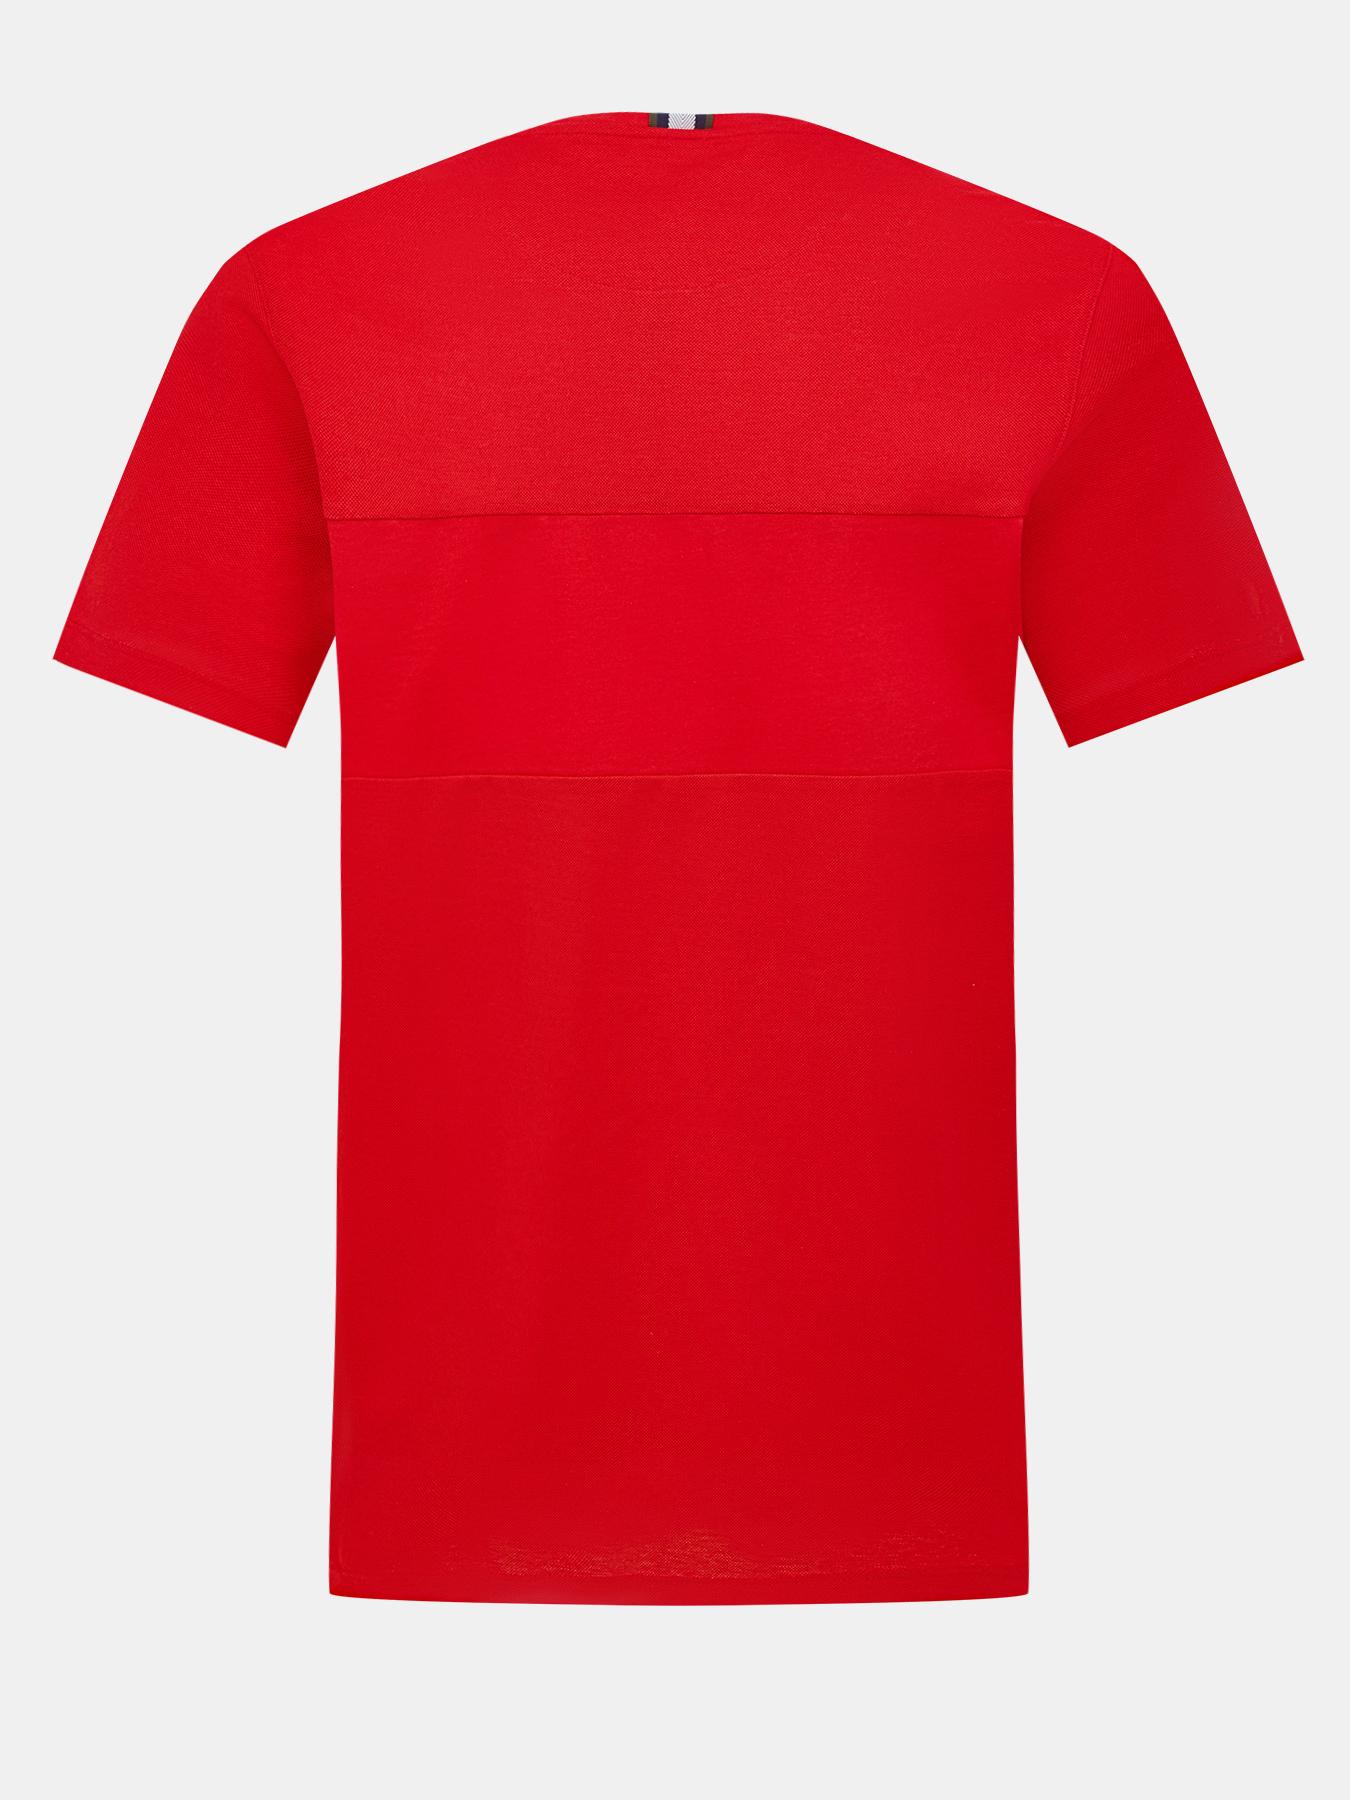 Фуфайка (футболка) Ted Baker Футболка